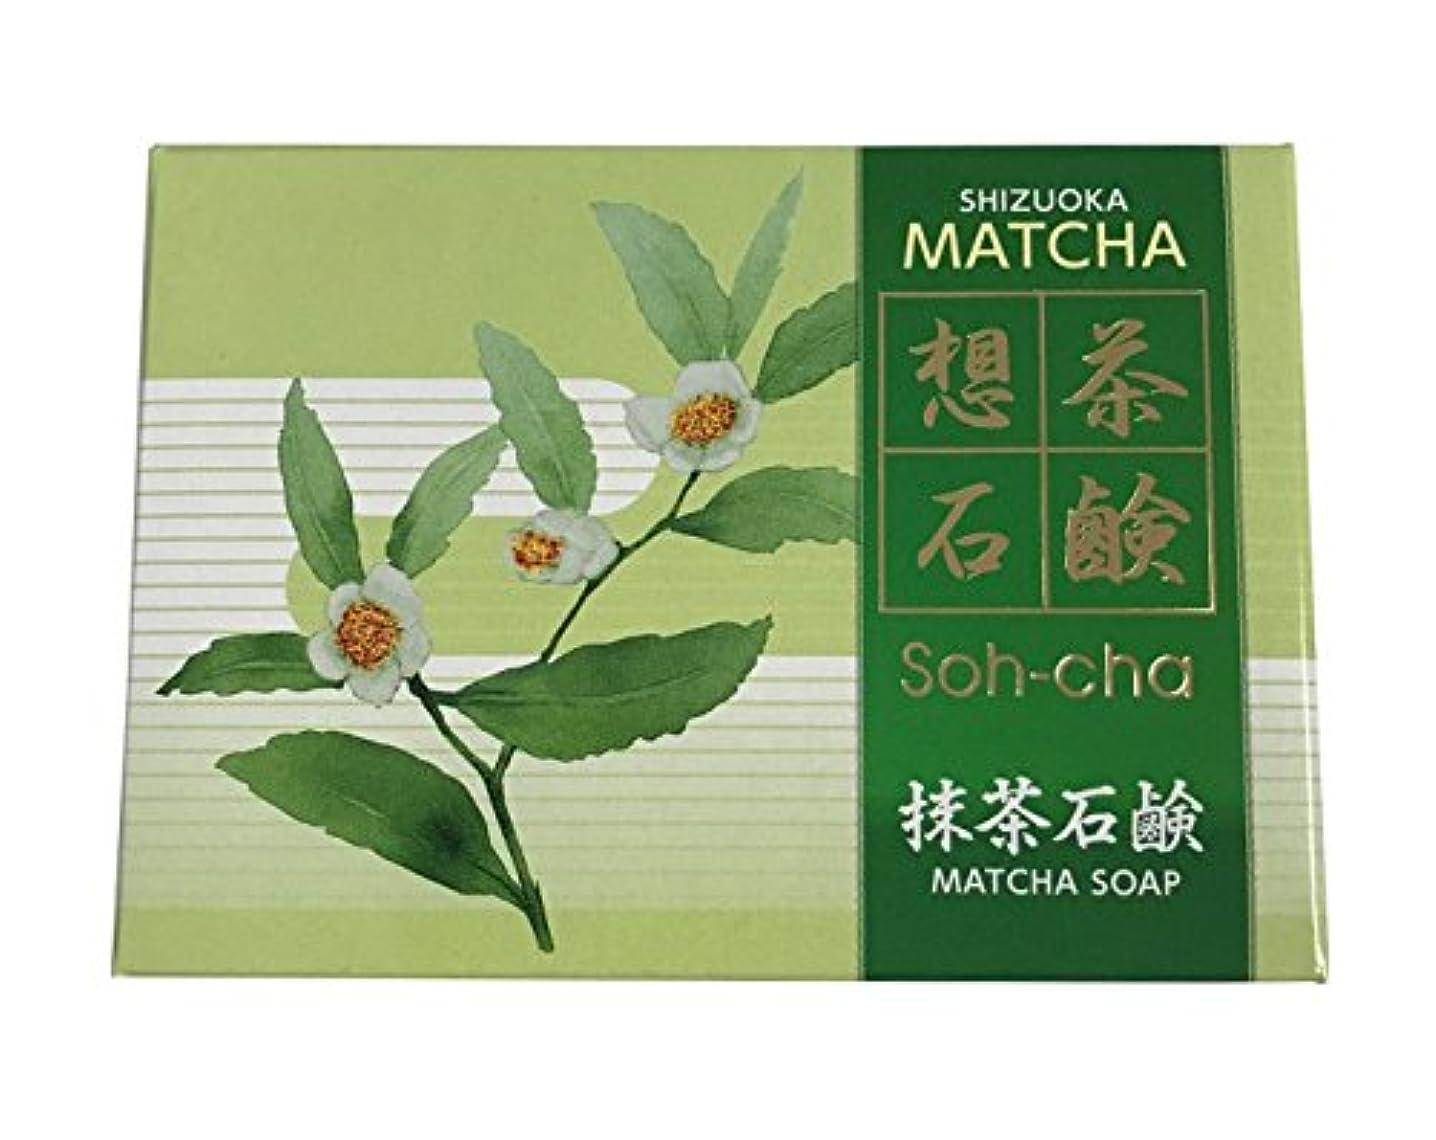 整理する感染する否認するフロムS 想茶石鹸 抹茶 (泡立てネット付) 80g